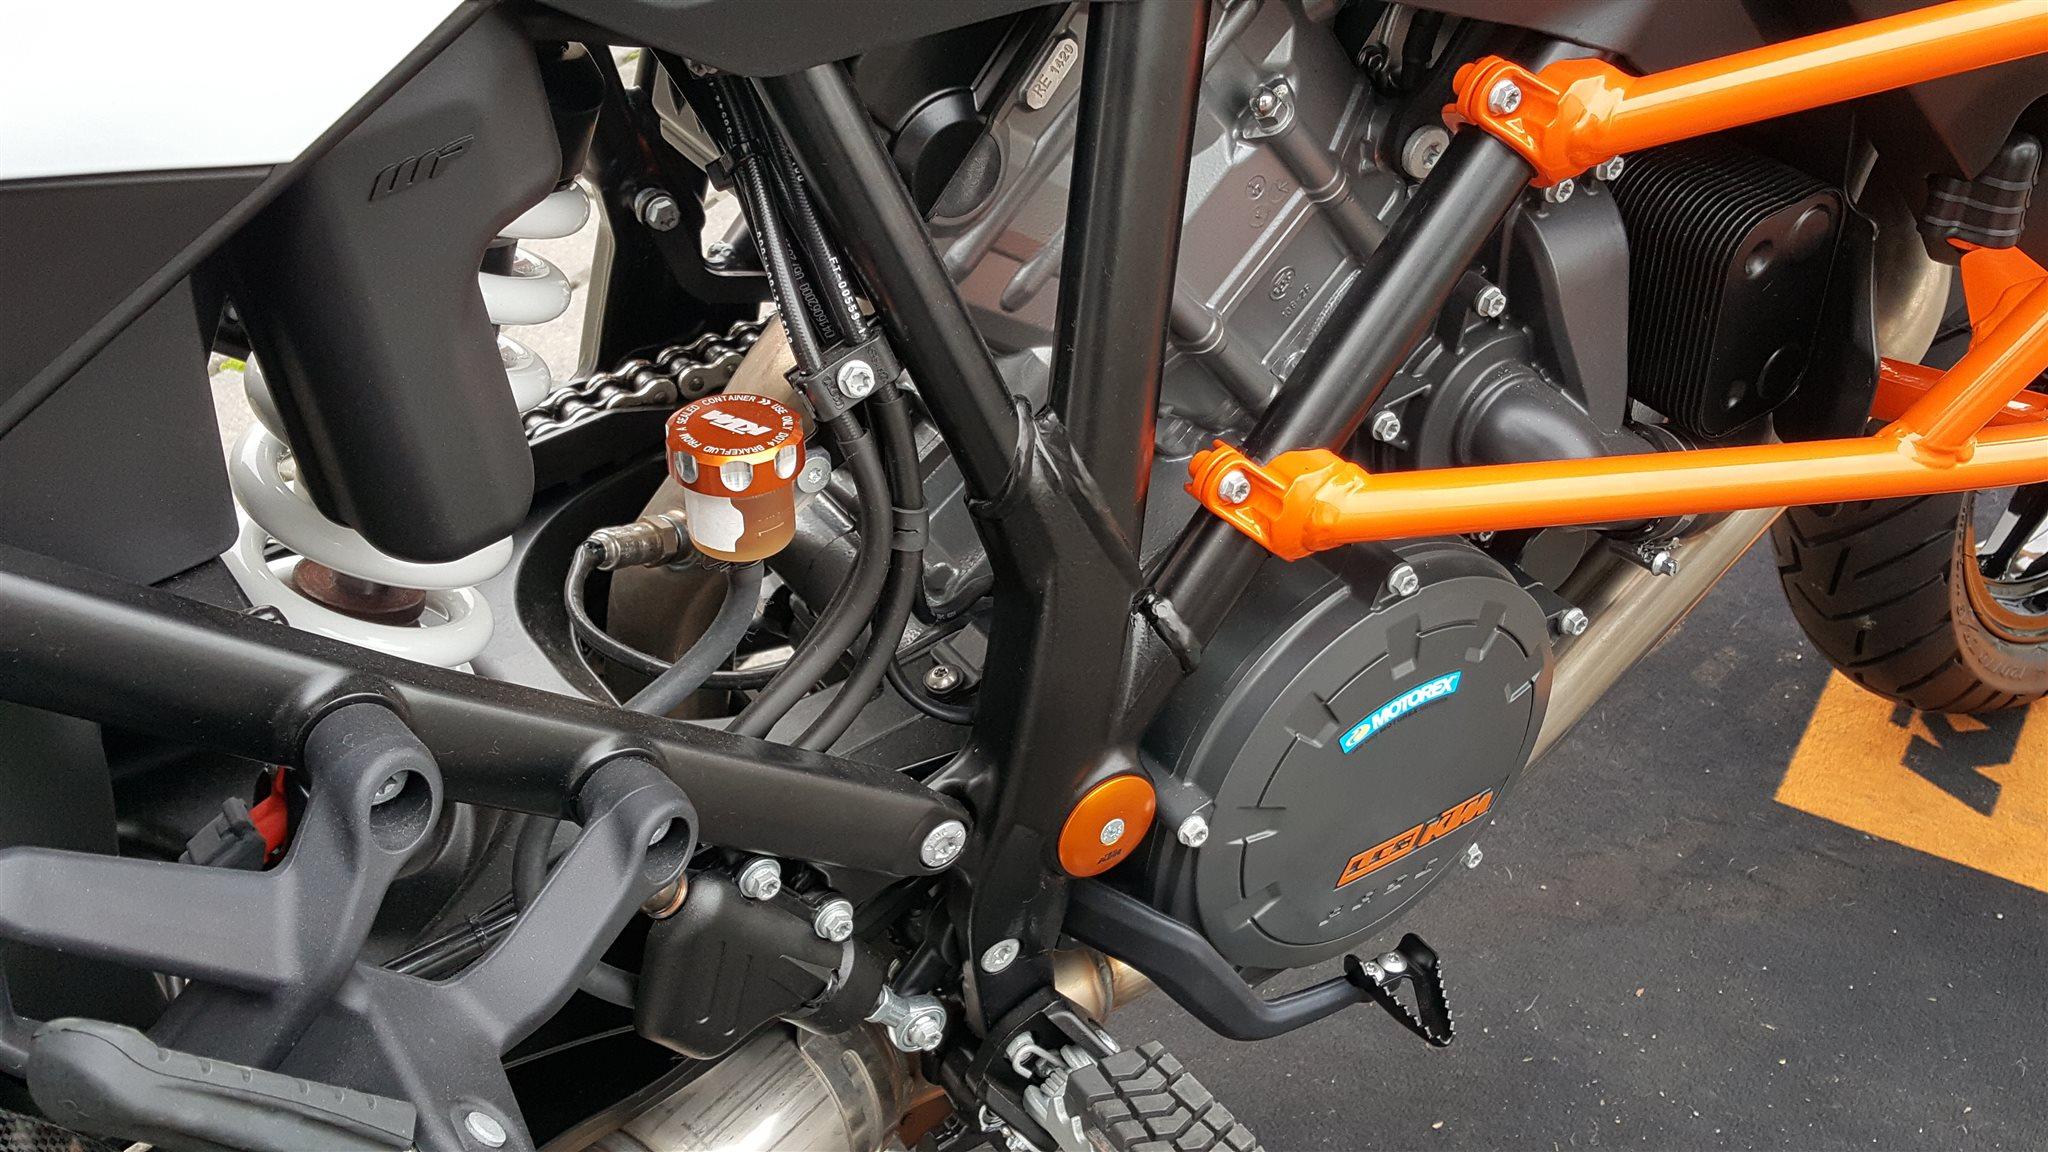 details zum custom bike ktm 1290 super adventure s des. Black Bedroom Furniture Sets. Home Design Ideas